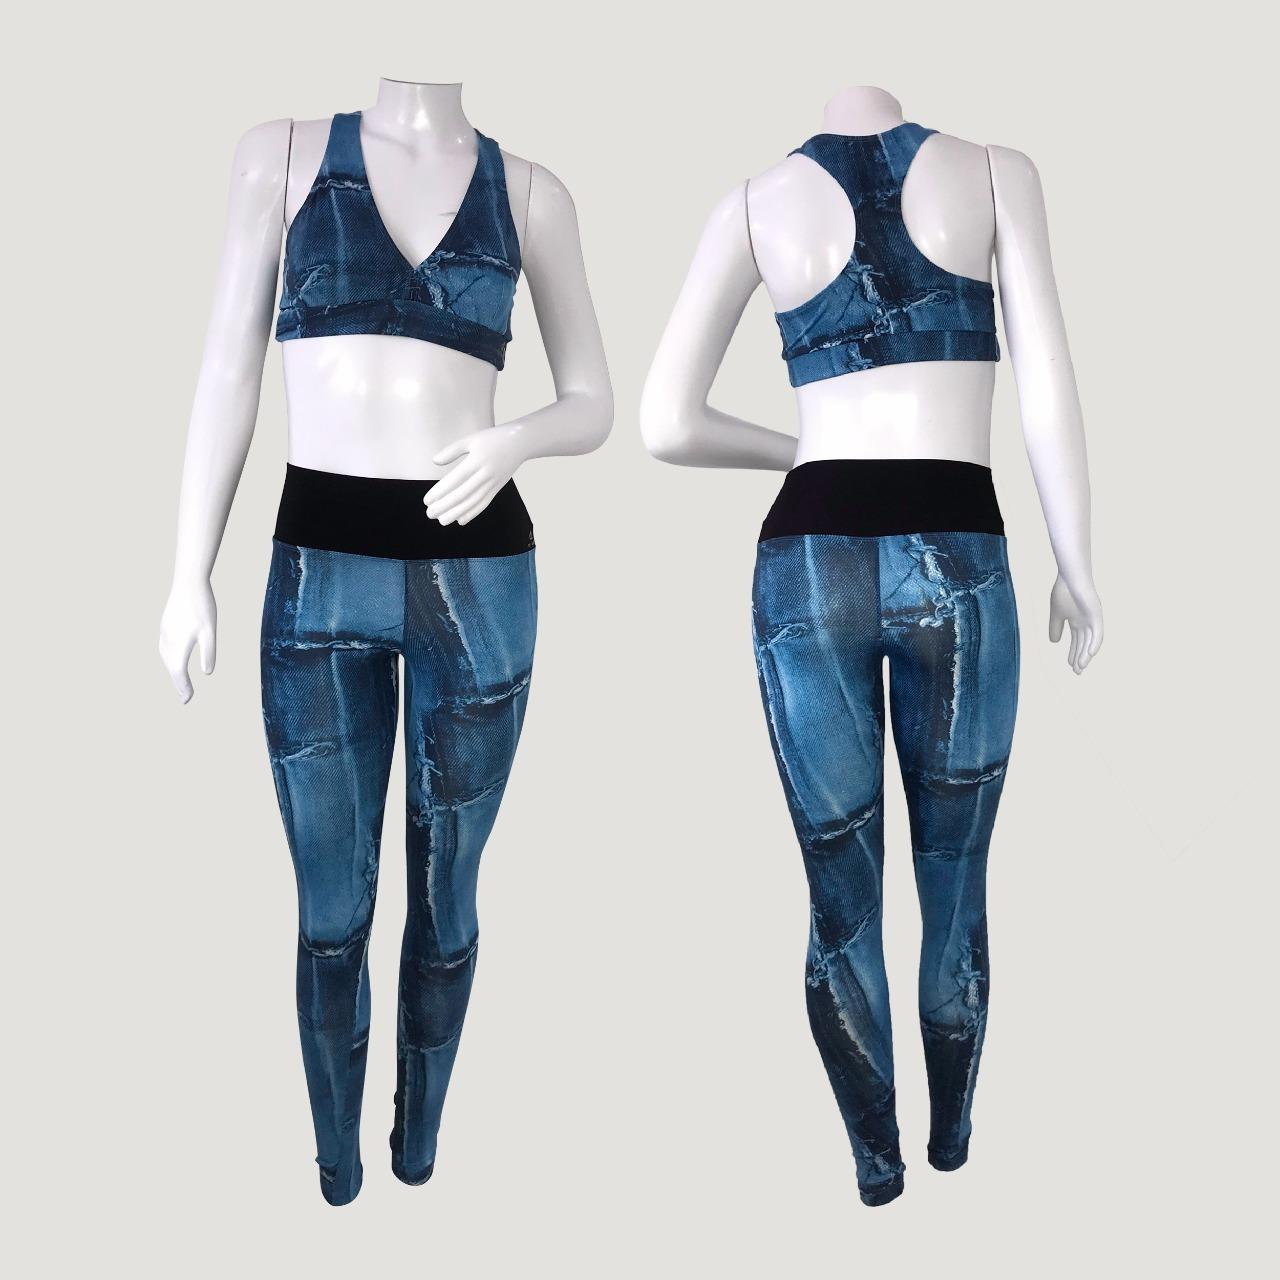 Conjunto Fashion - My Body